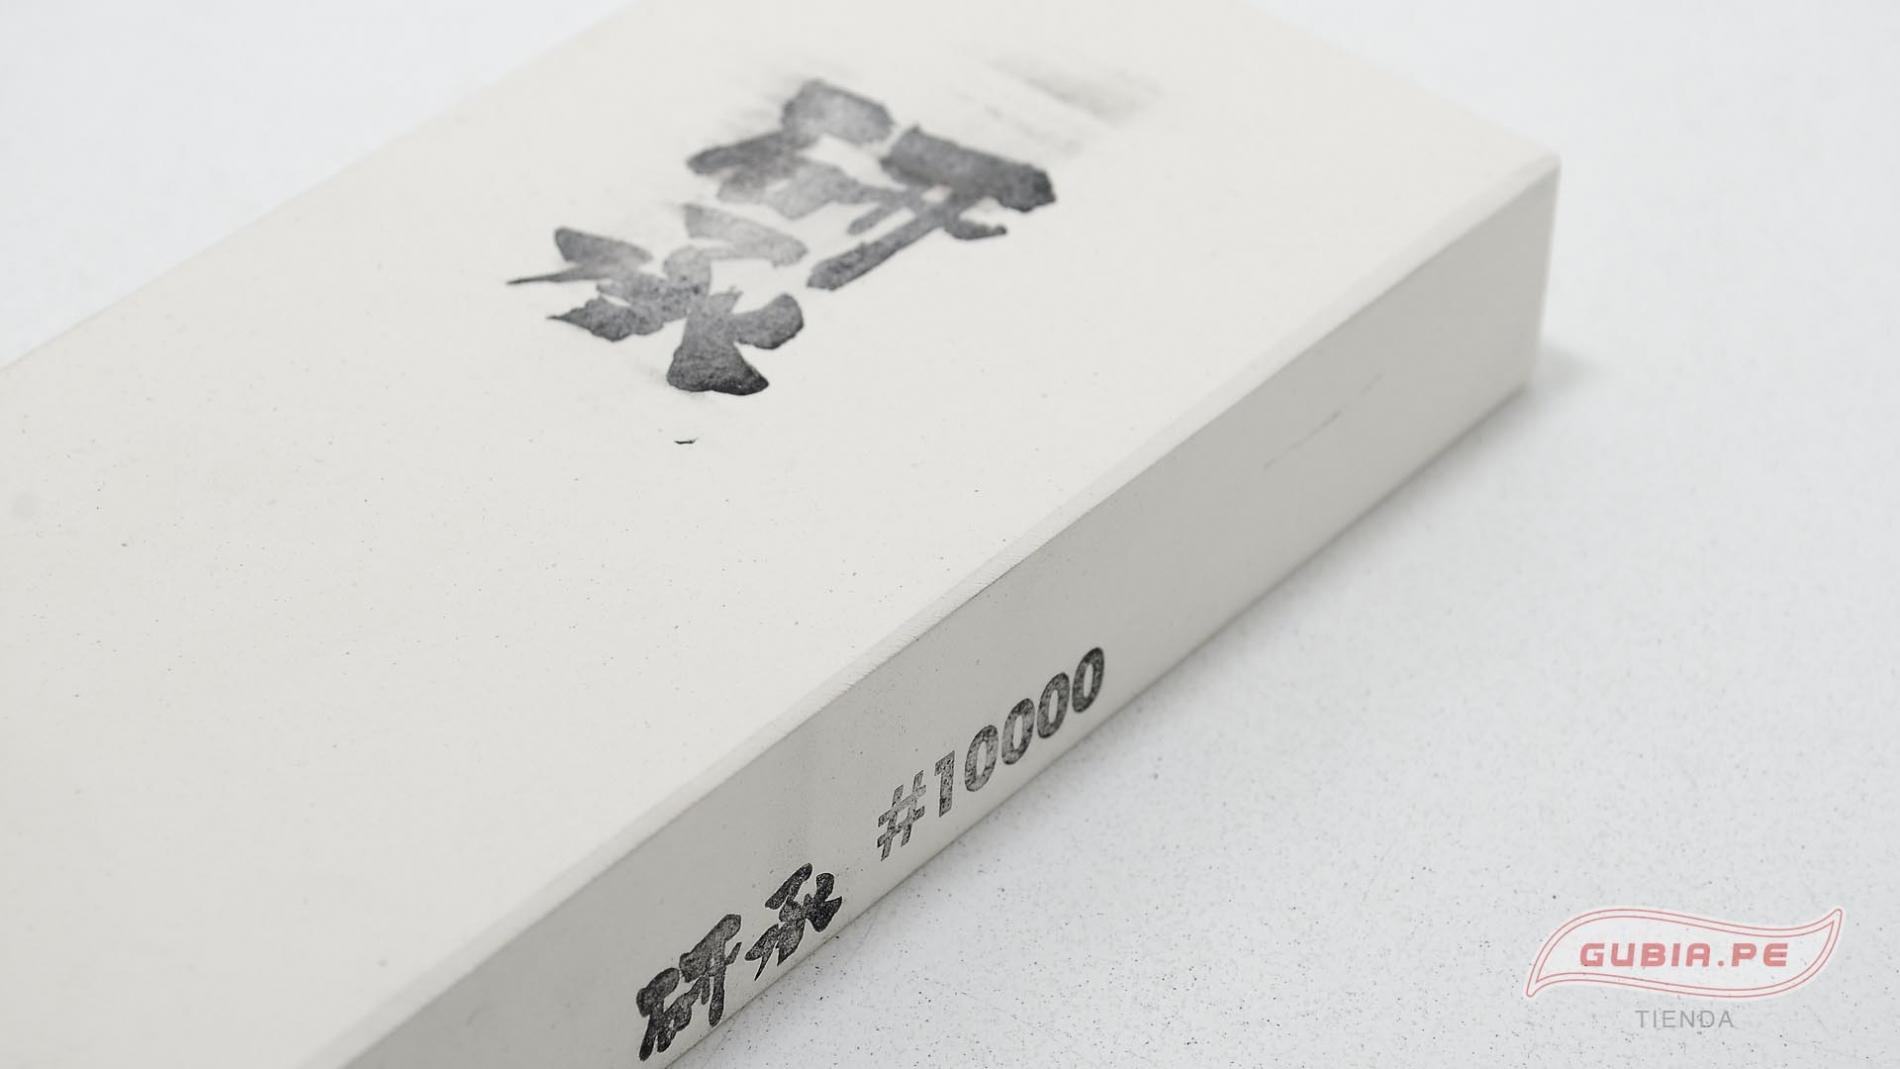 KSK10000-Piedra de asentar 10000 pulir filo de cuchillos Ken Syou Kei-max-4.